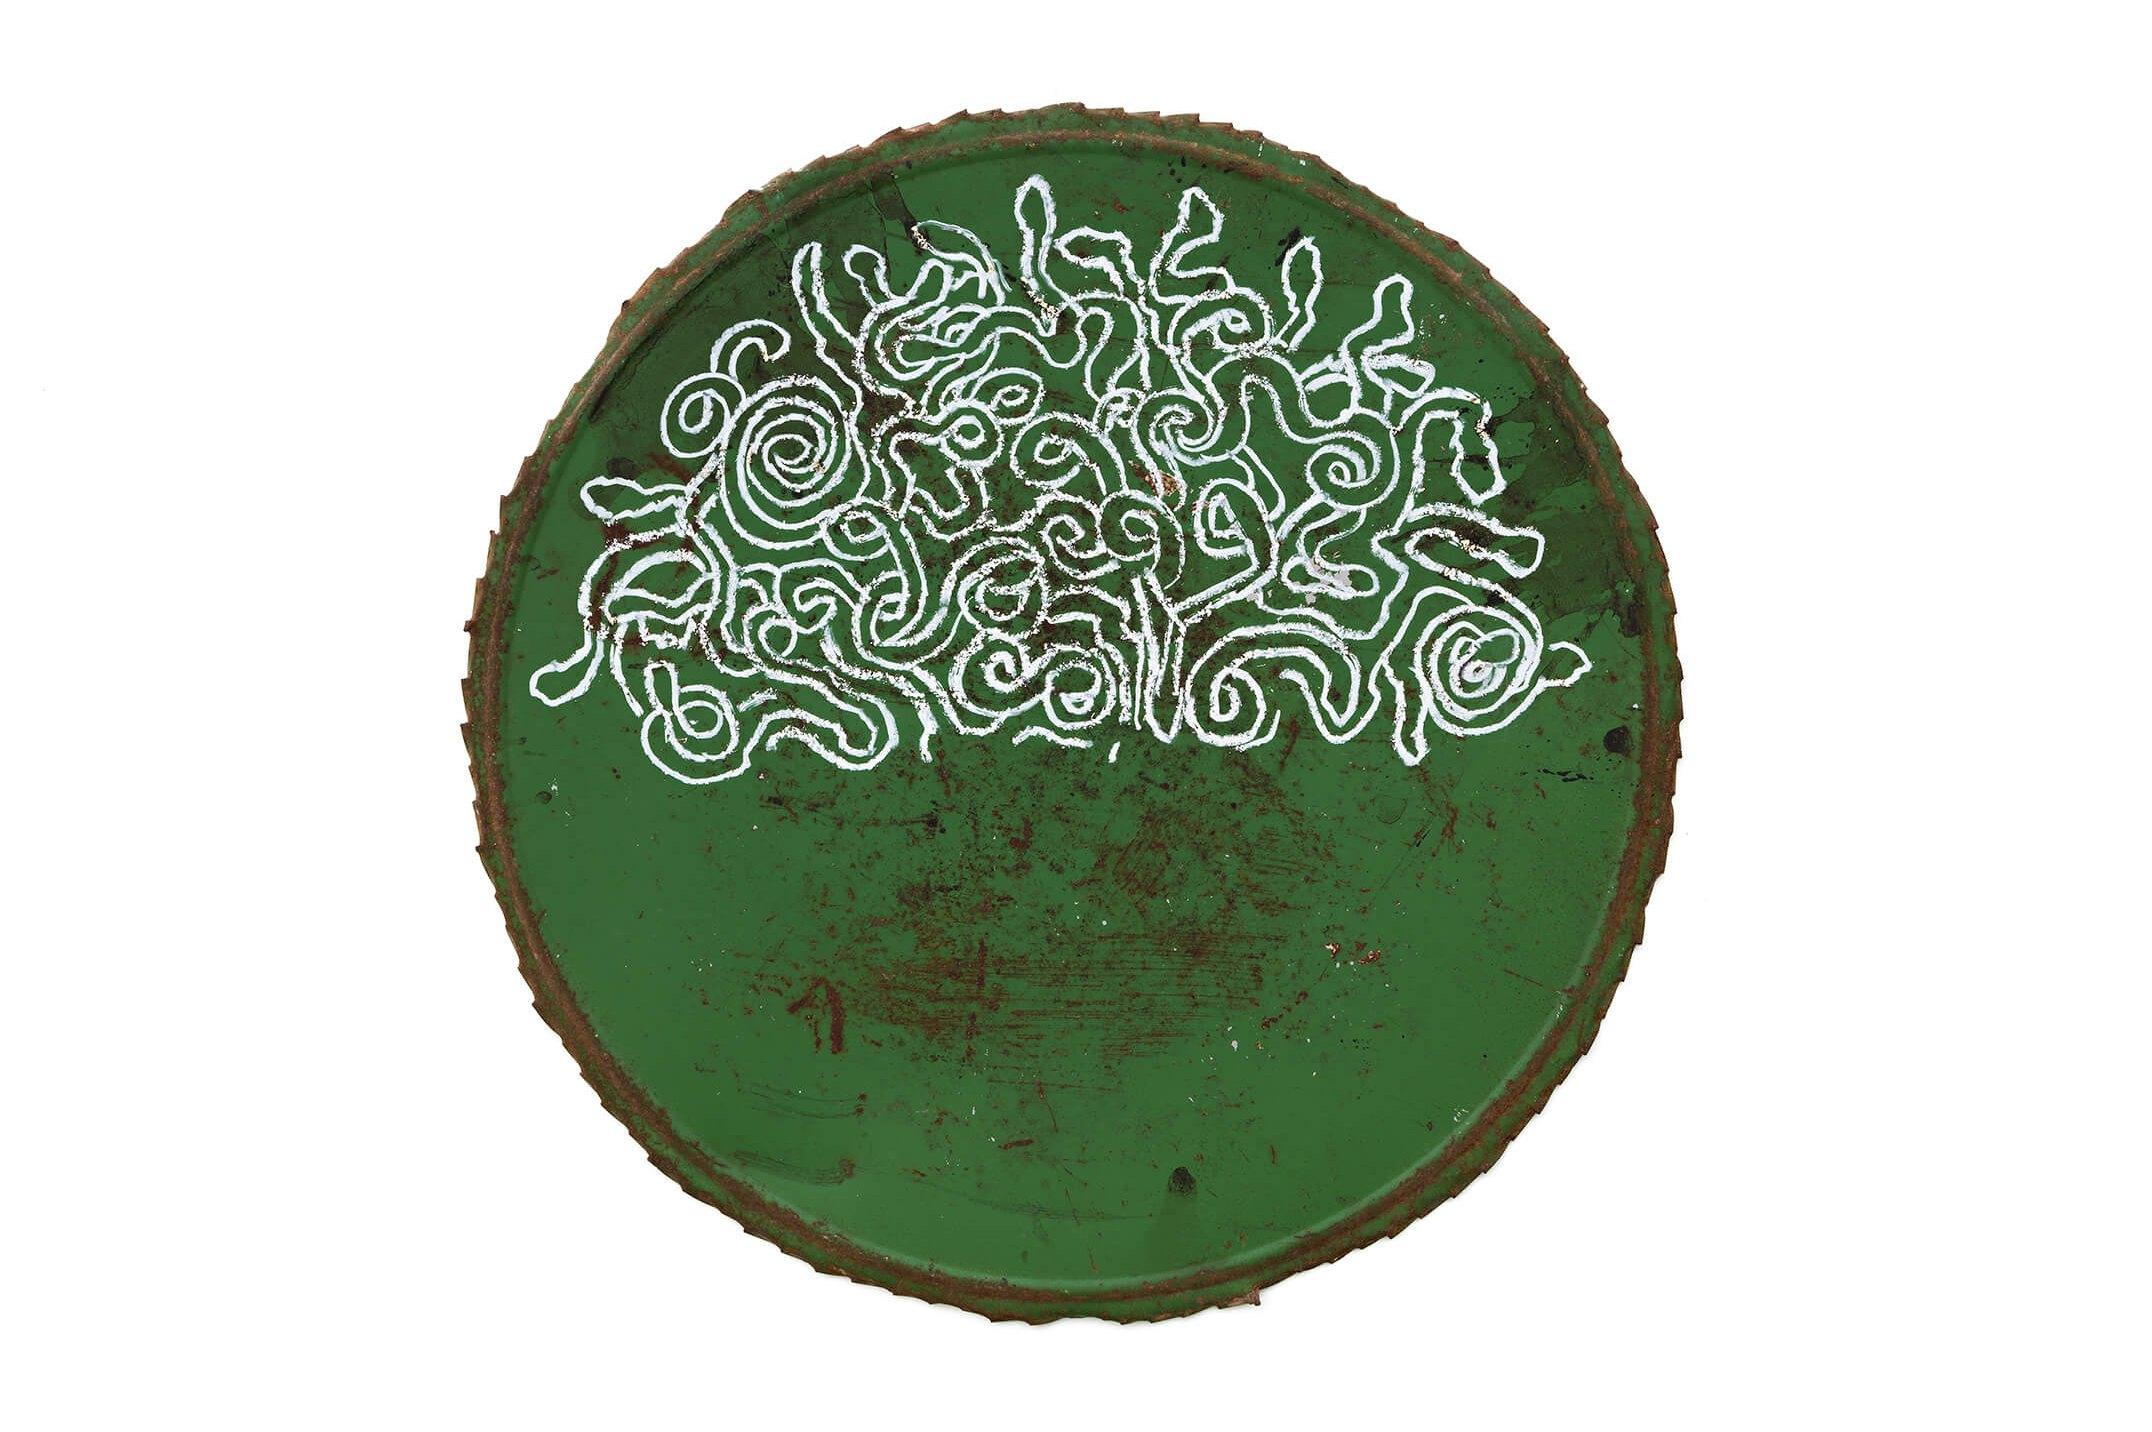 Adriano Costa, <em>Medusa's Wig</em>, 2015, pastel on metal, 56 cm ø - Mendes Wood DM